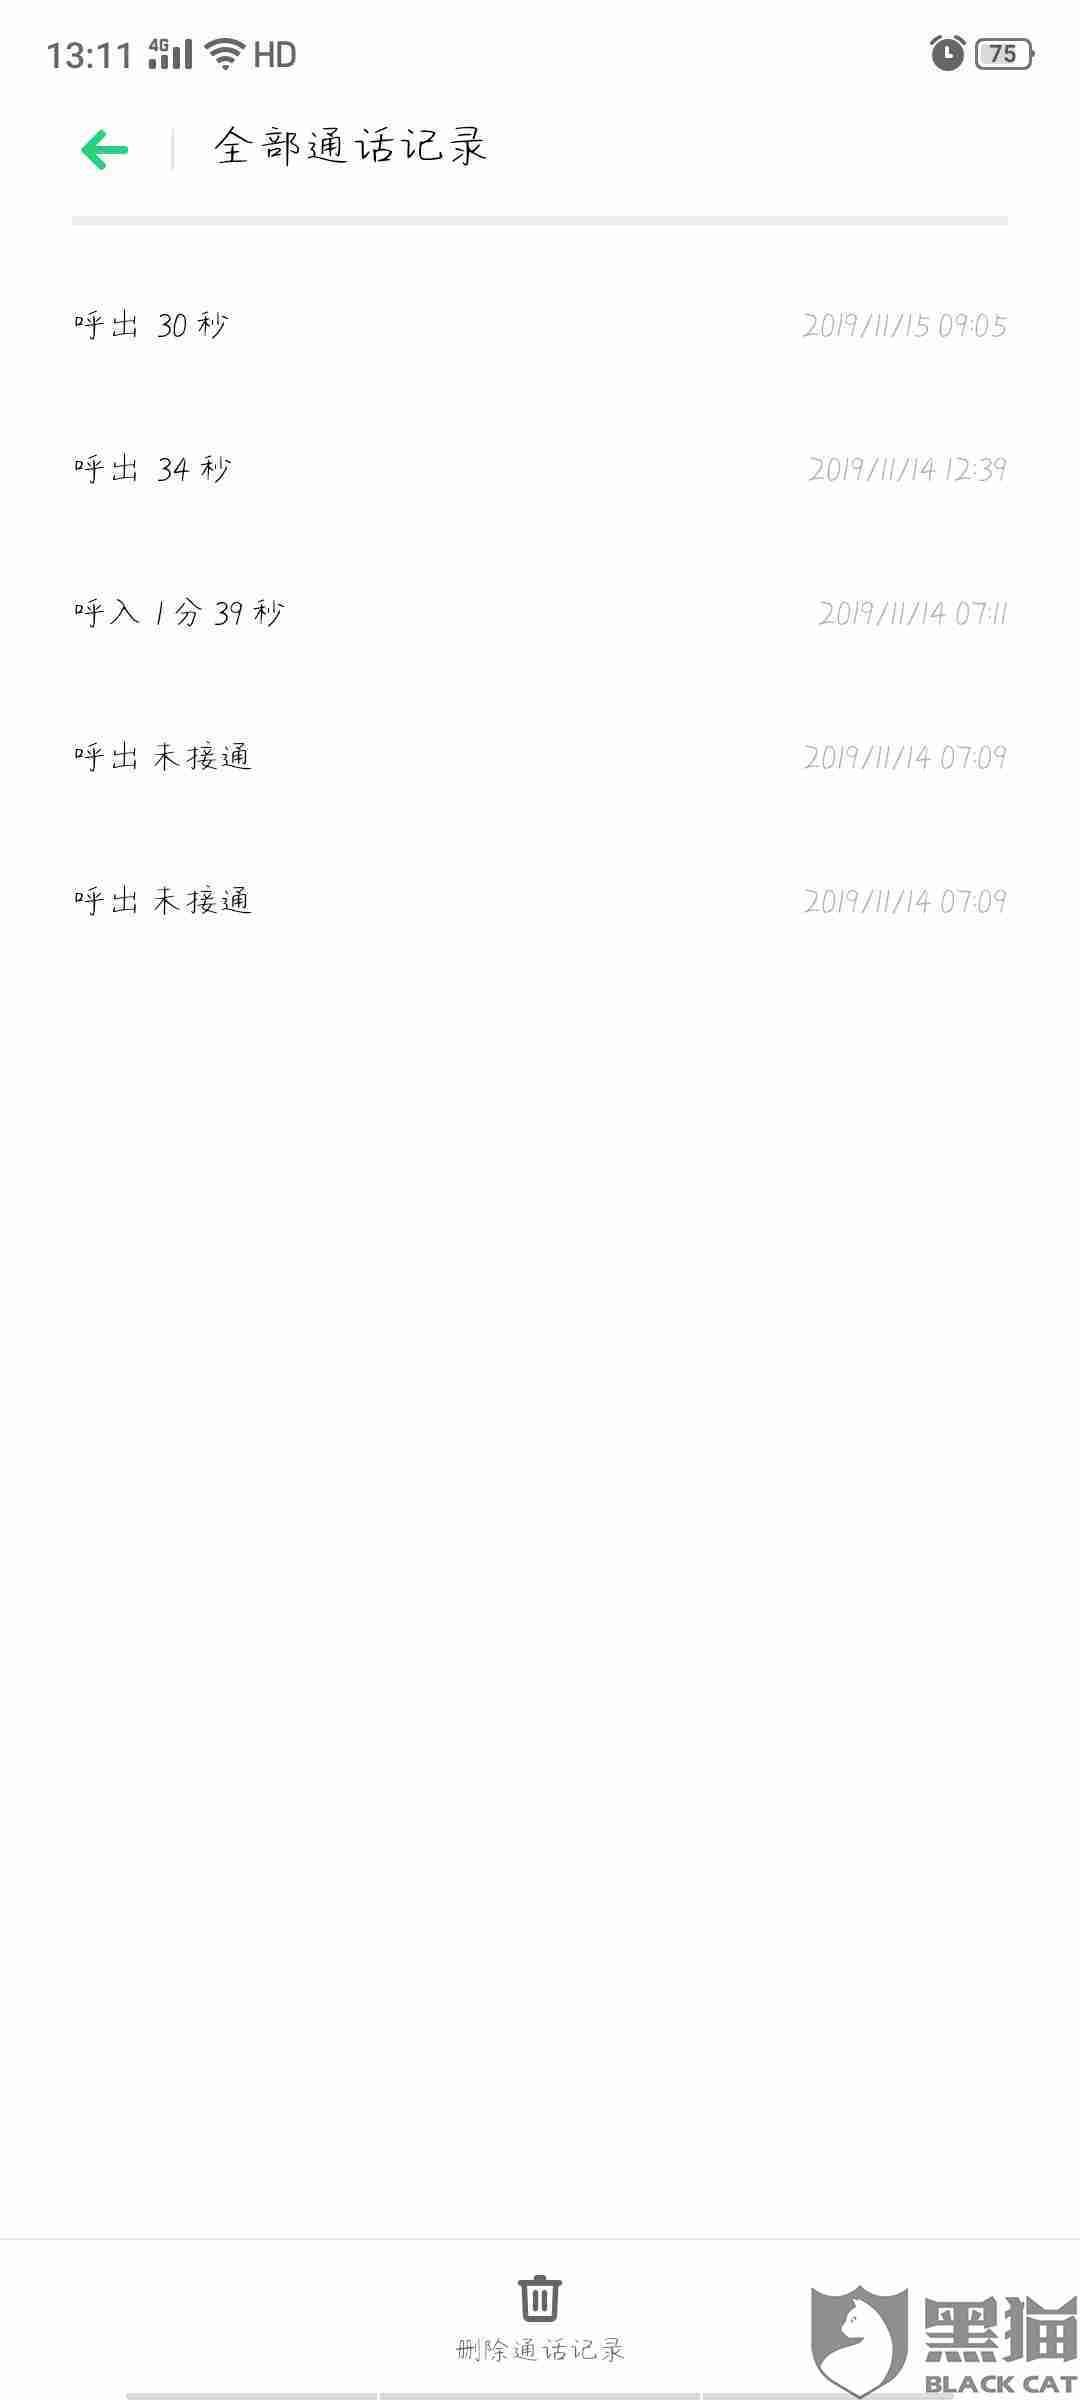 黑猫投诉:申通快递北京市海淀区正大派件公司违规签收快递导致快递被退回